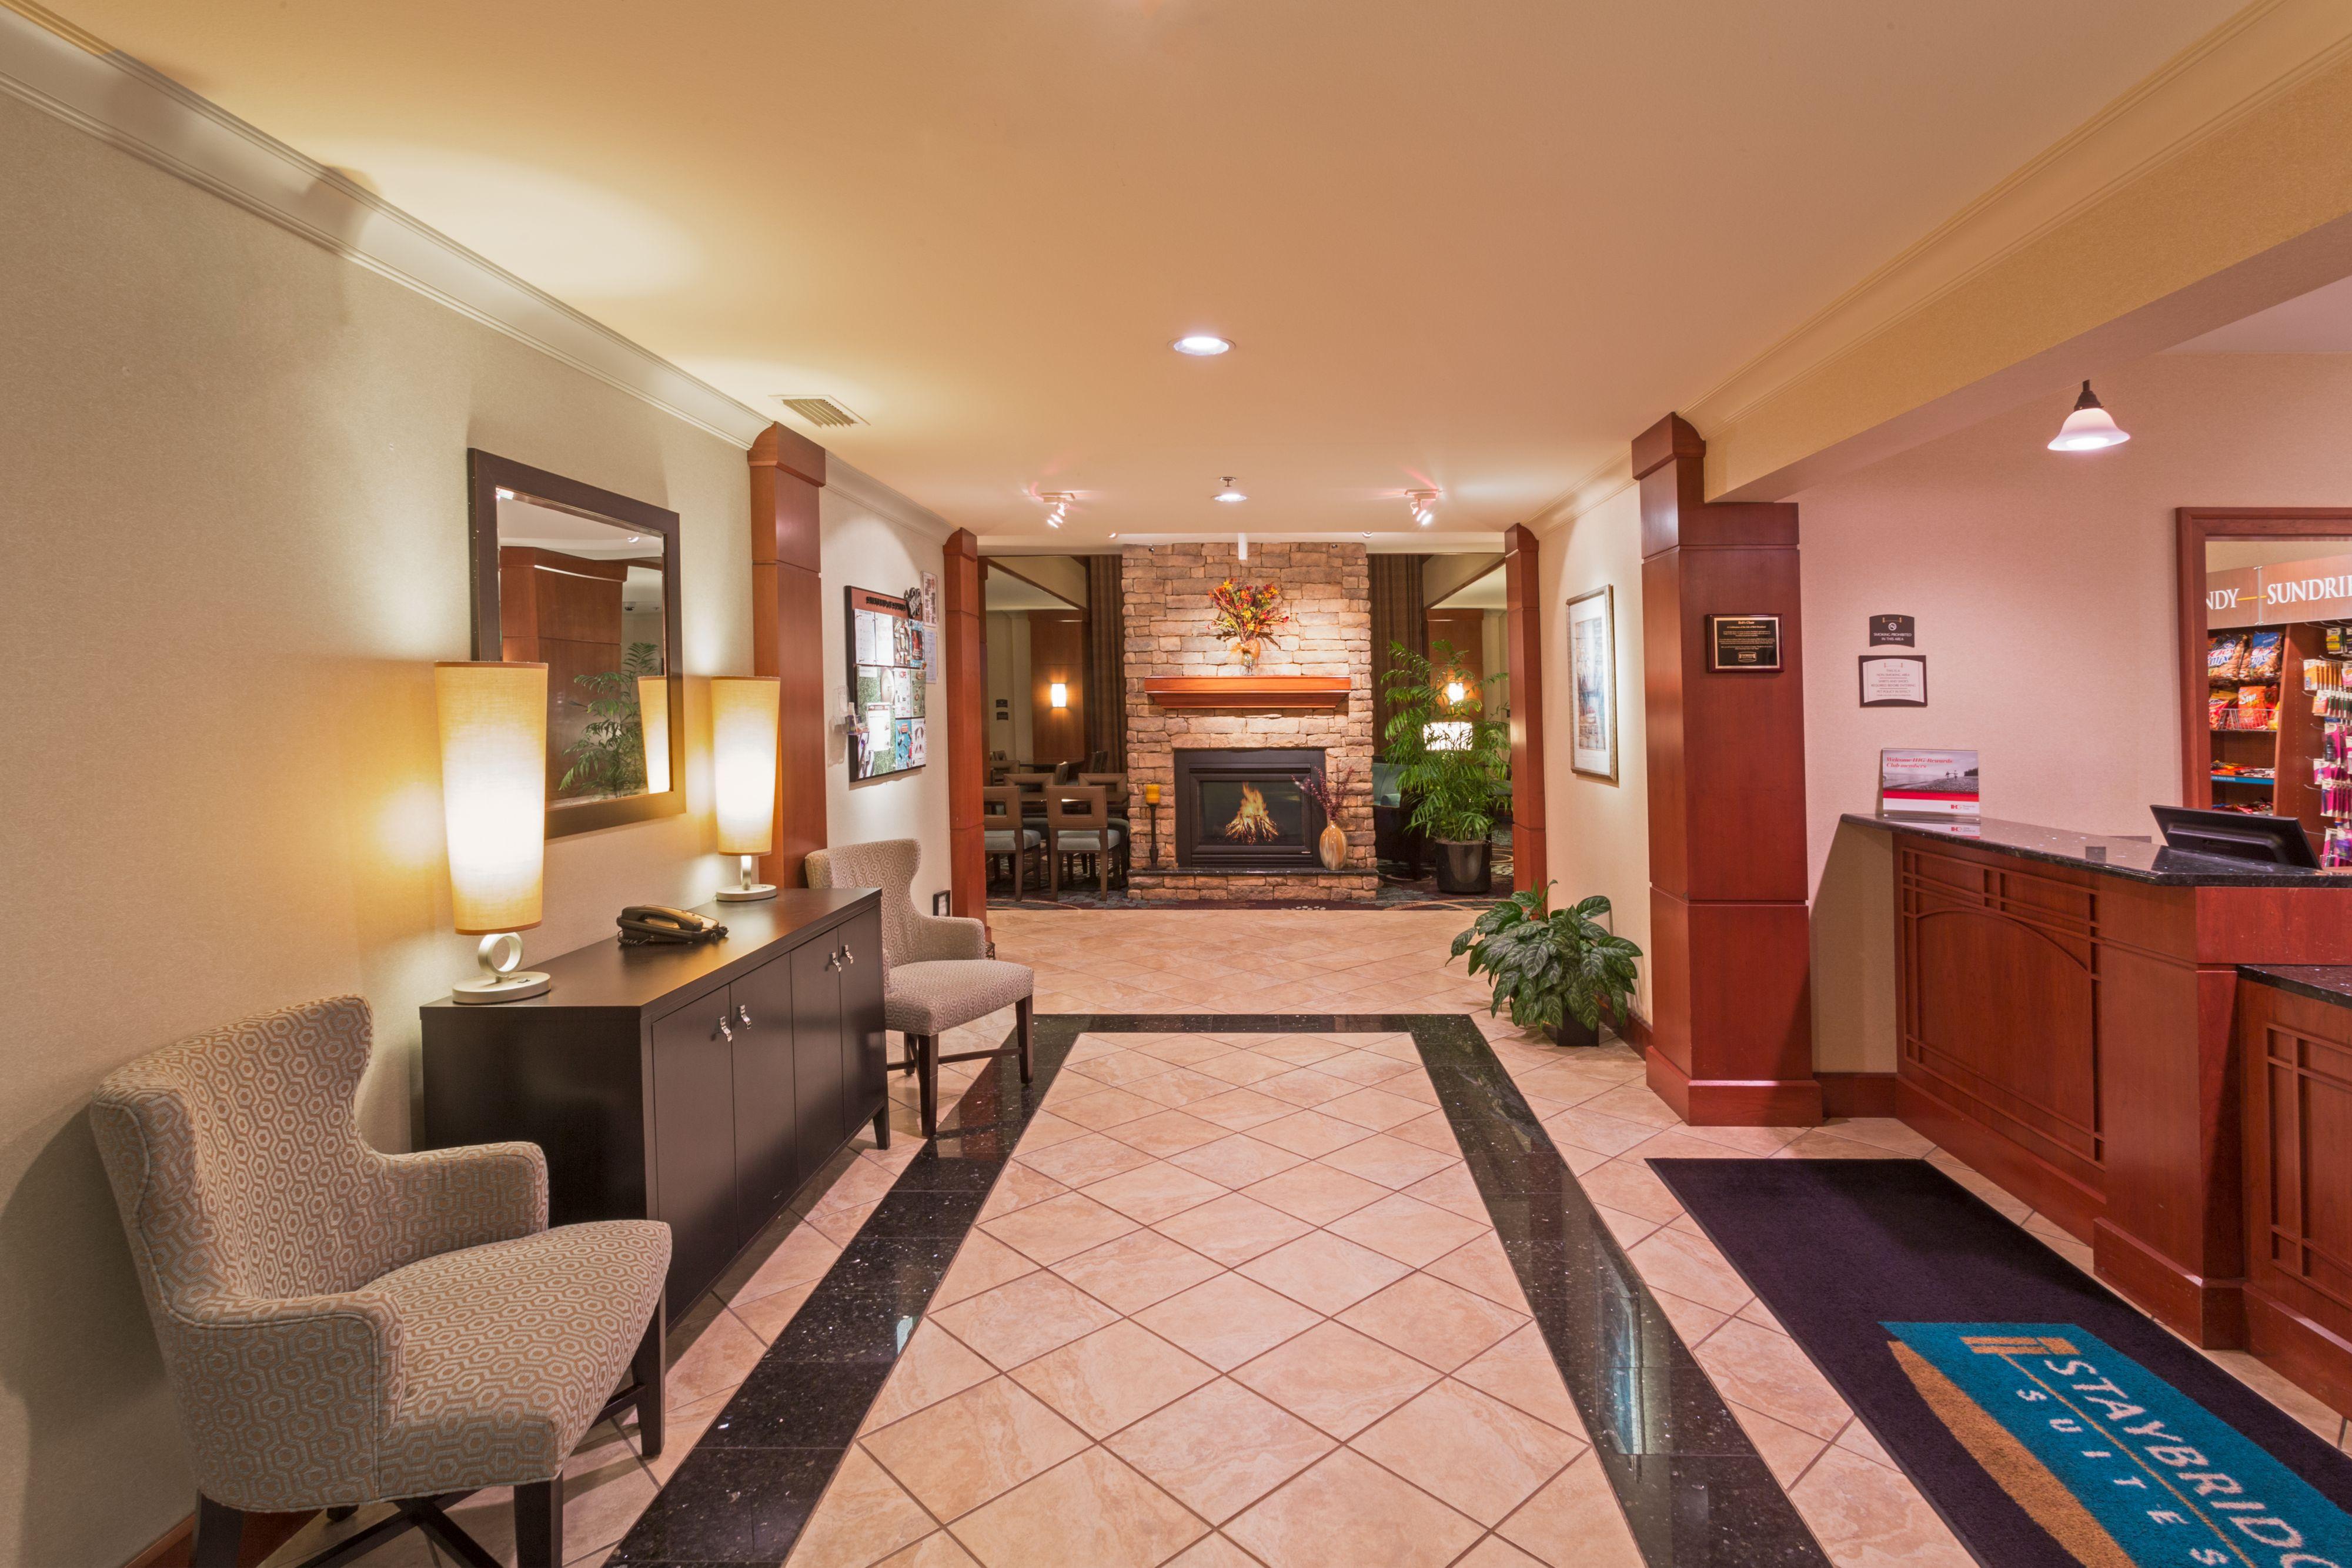 Staybridge Suites Tallahassee I-10 East image 4